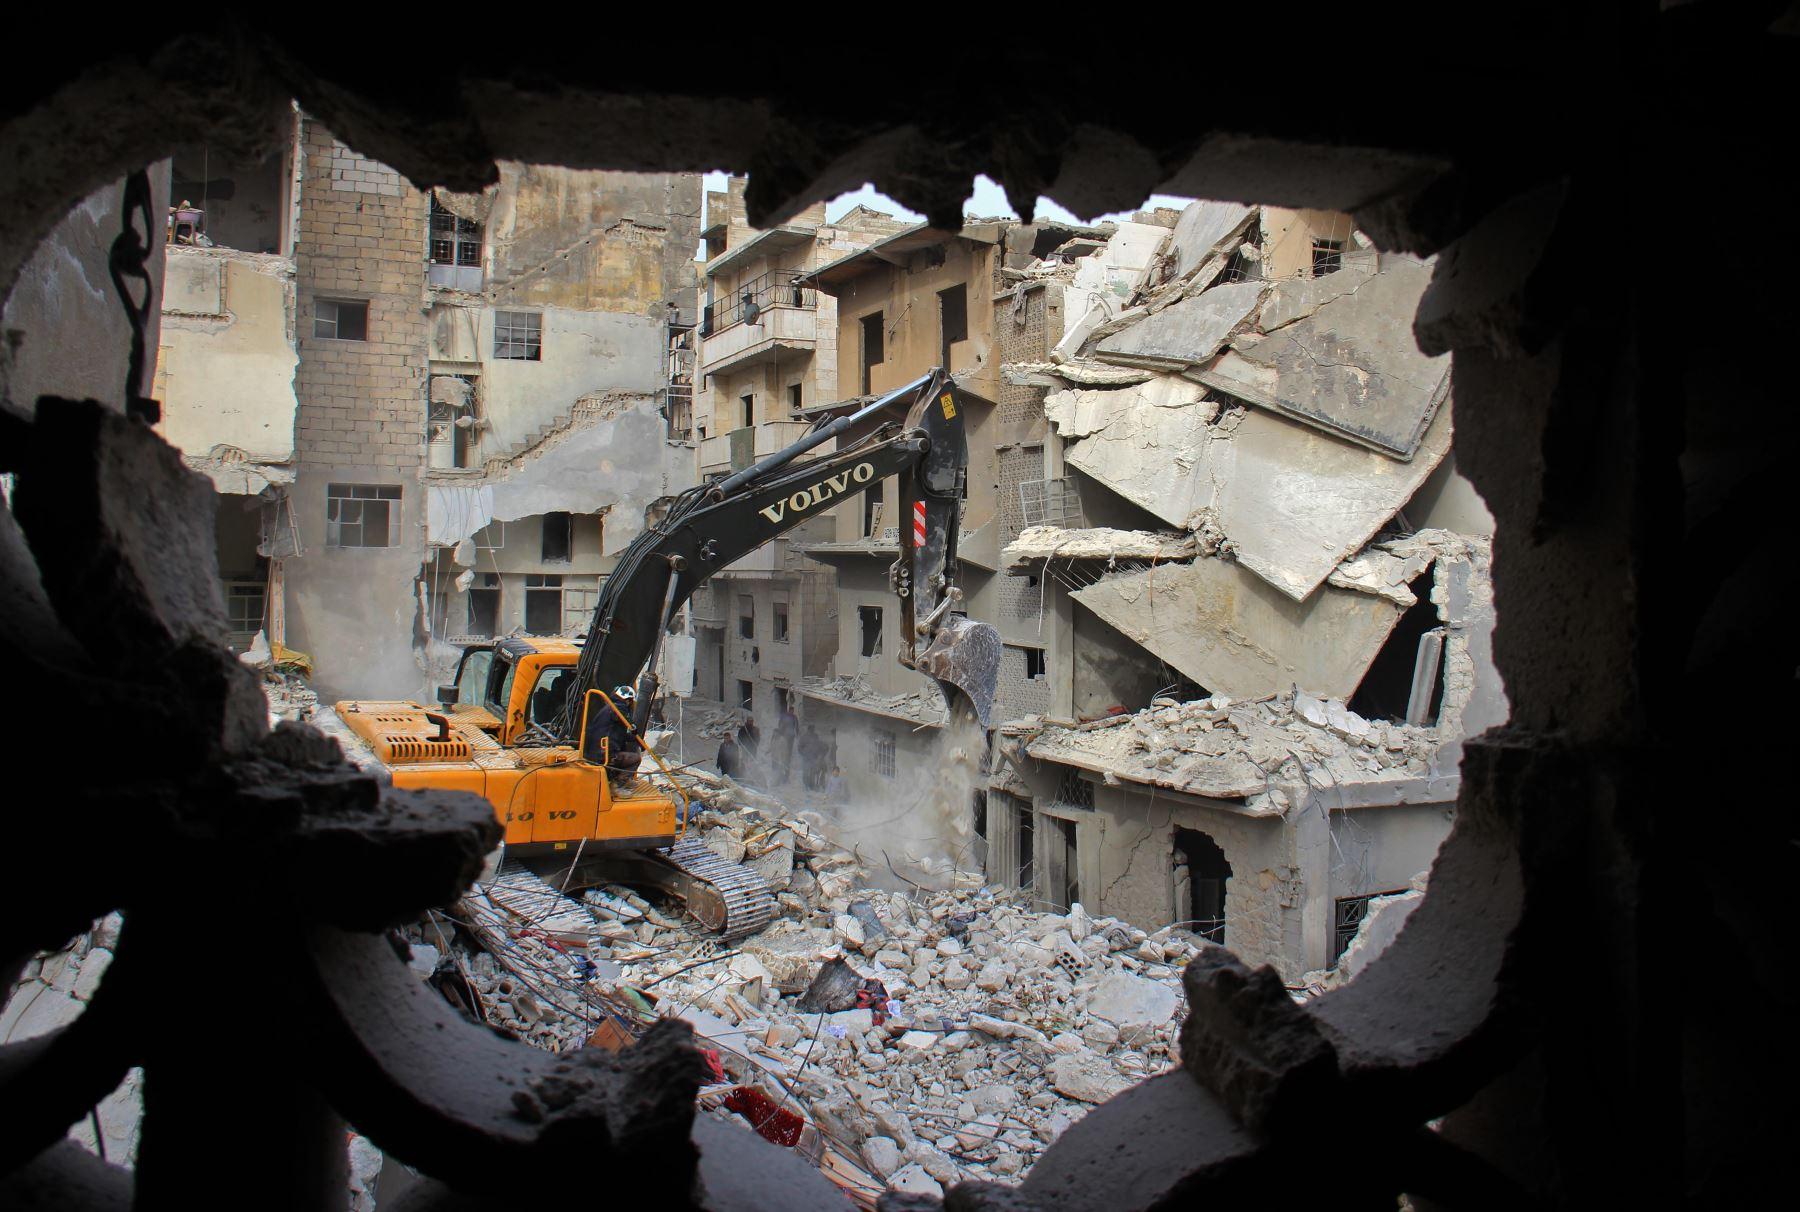 Búsqueda de sobrevivientes en medio de los escombros tras el  ataque aéreo en siria. Foto: AFP